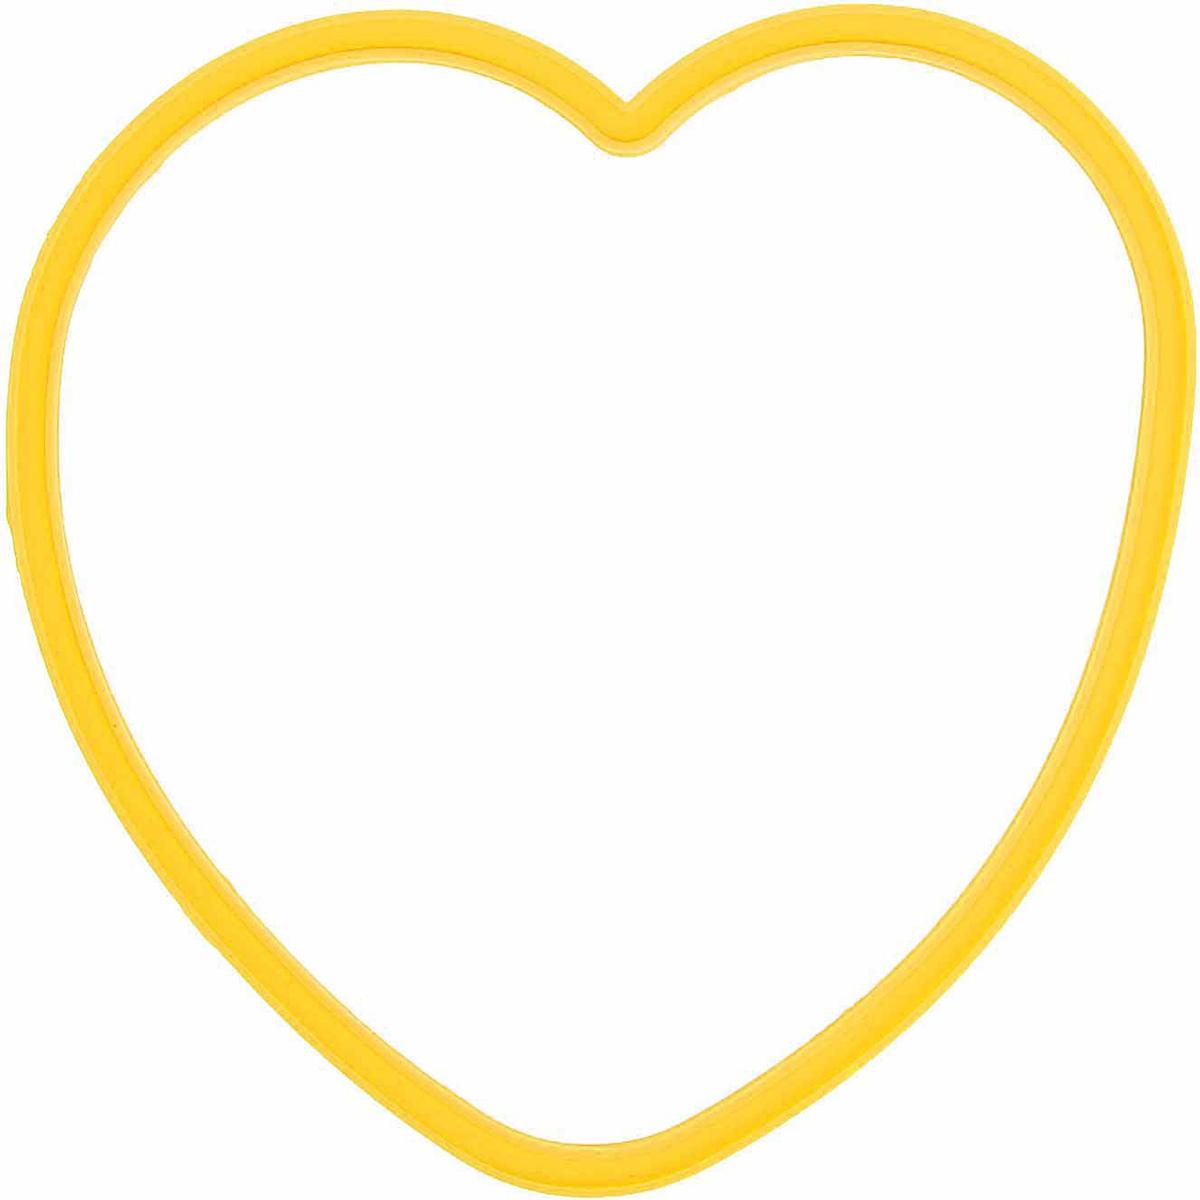 Форма для яичницы и блинов Доляна Любовь, цвет: желтый, 12 х 11 см811917Вкусные блины, оладьи, омлеты и яичницы нравятся всем. Сделать хорошо знакомые блюда поводом для кулинарной гордости поможет специальная форма из силикона. Как ей пользоваться? налейте на сковороду масло и поставьте на средний огонь, расположите форму в центре и наполните её тестом или разбейте внутрь яйцо, обжаривайте до готовности. Силикон обладает важными достоинствами: выдерживает температуру от -40 до +230 °C; не обжигает руки при готовке; легко отмывается, в том числе в посудомоечной машине; благодаря высокой гибкости и прочности служит долгое время.